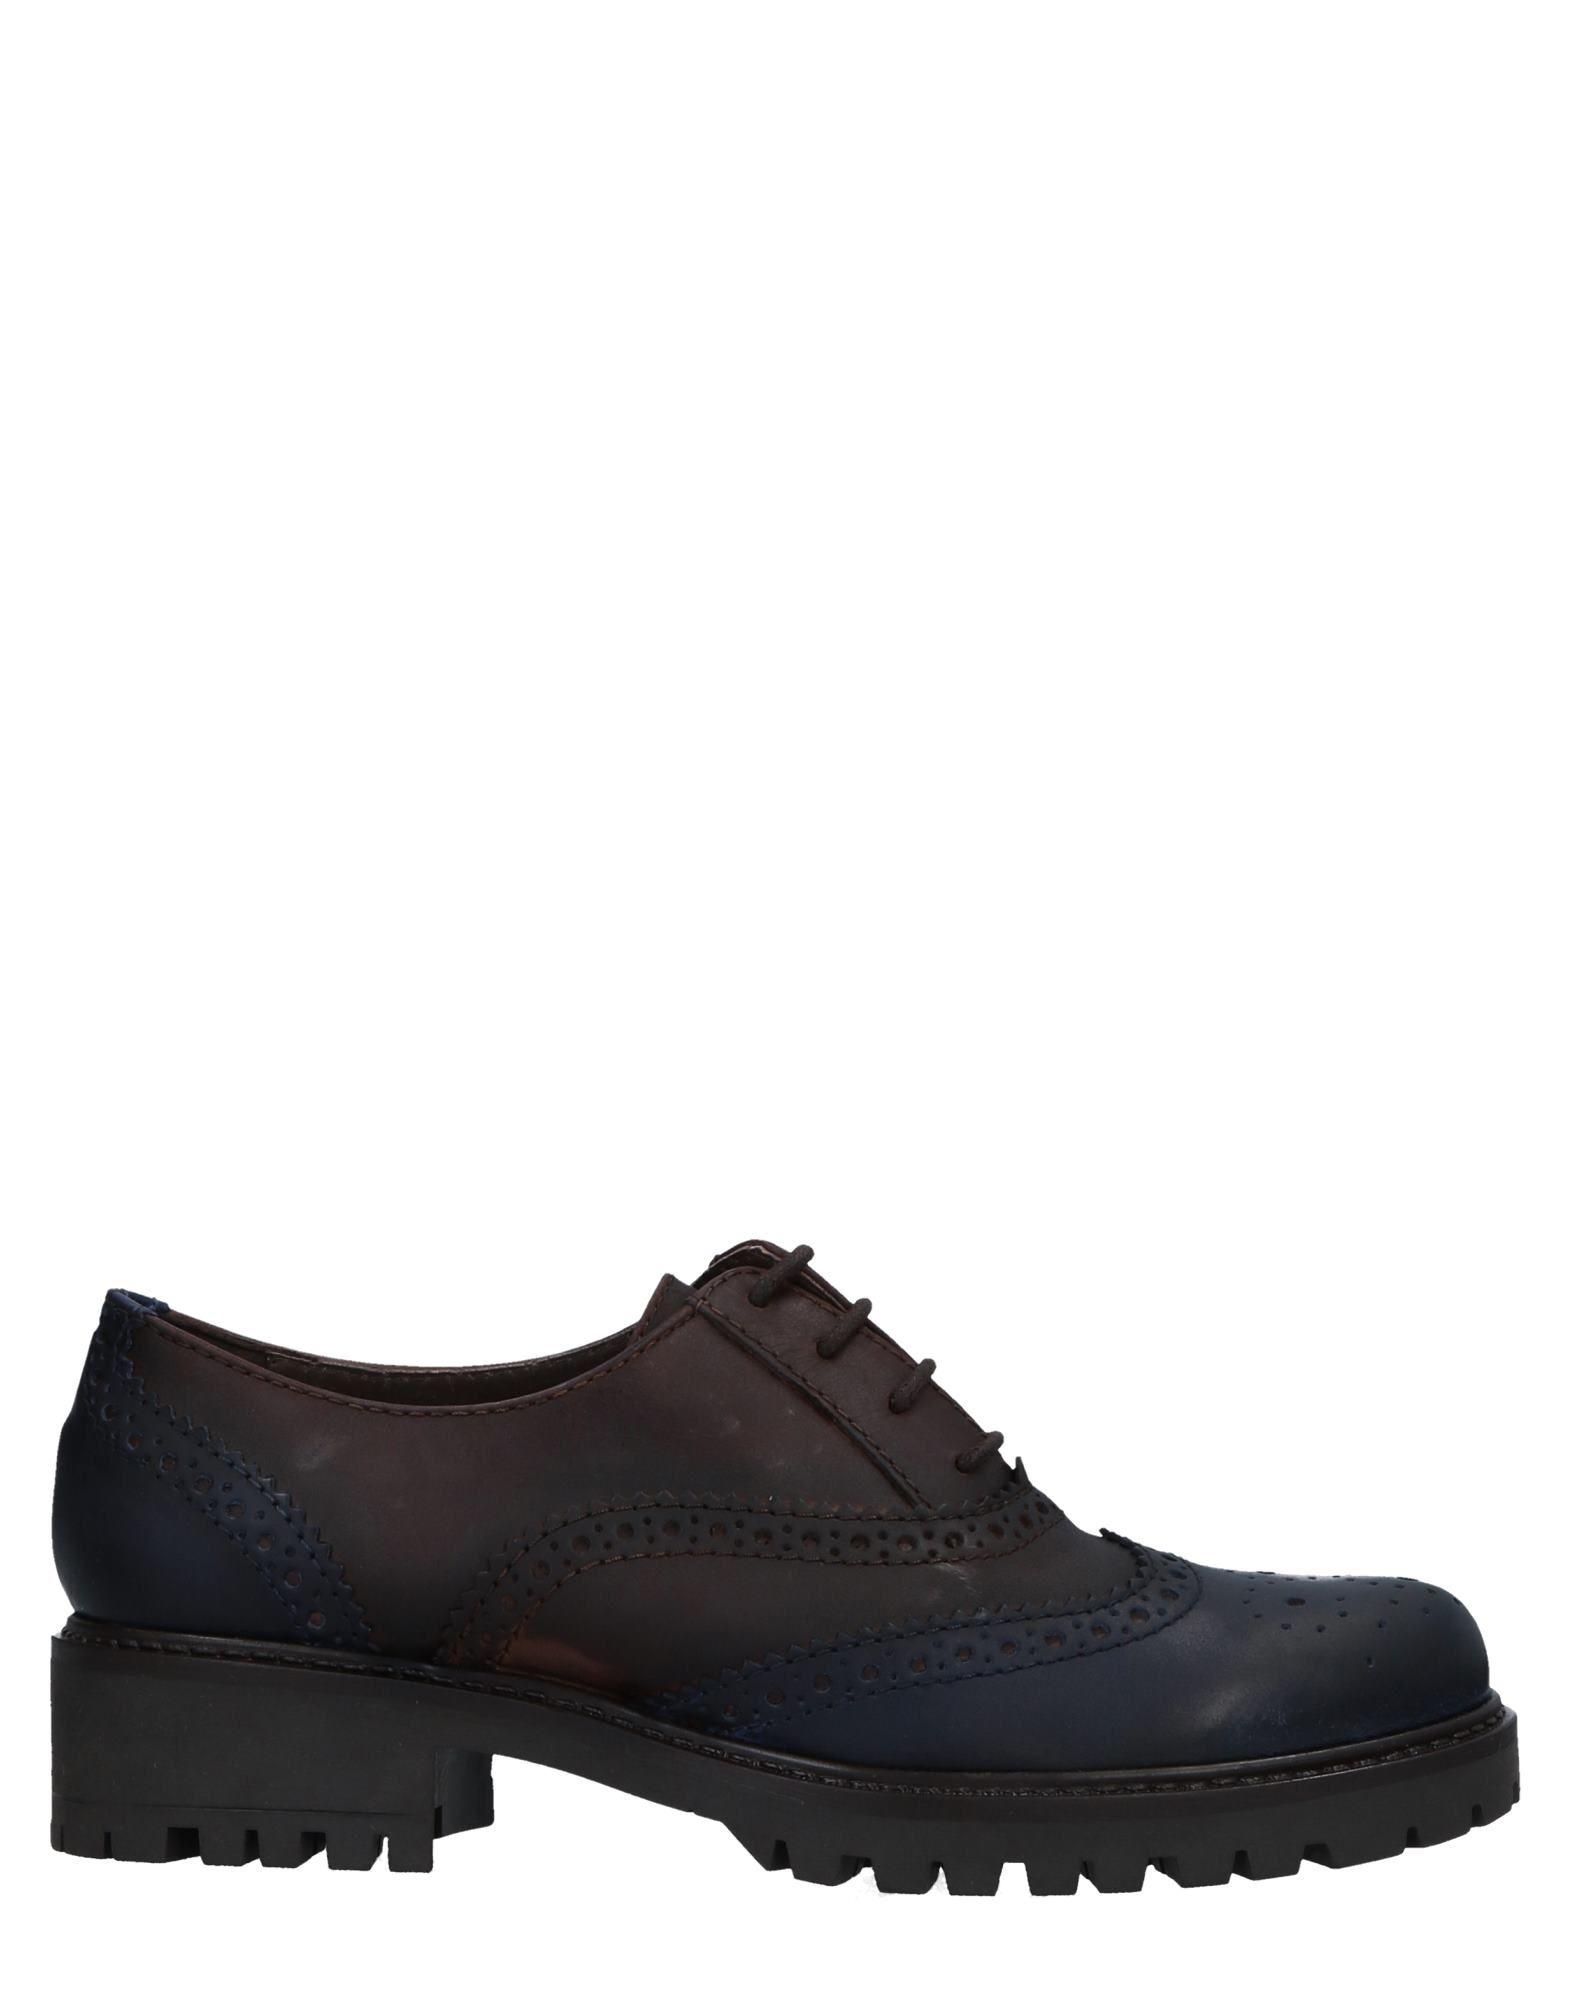 Zapato De Cordones Più Donna Più Mujer - Zapatos De Cordones Donna Più Cordones 26882e